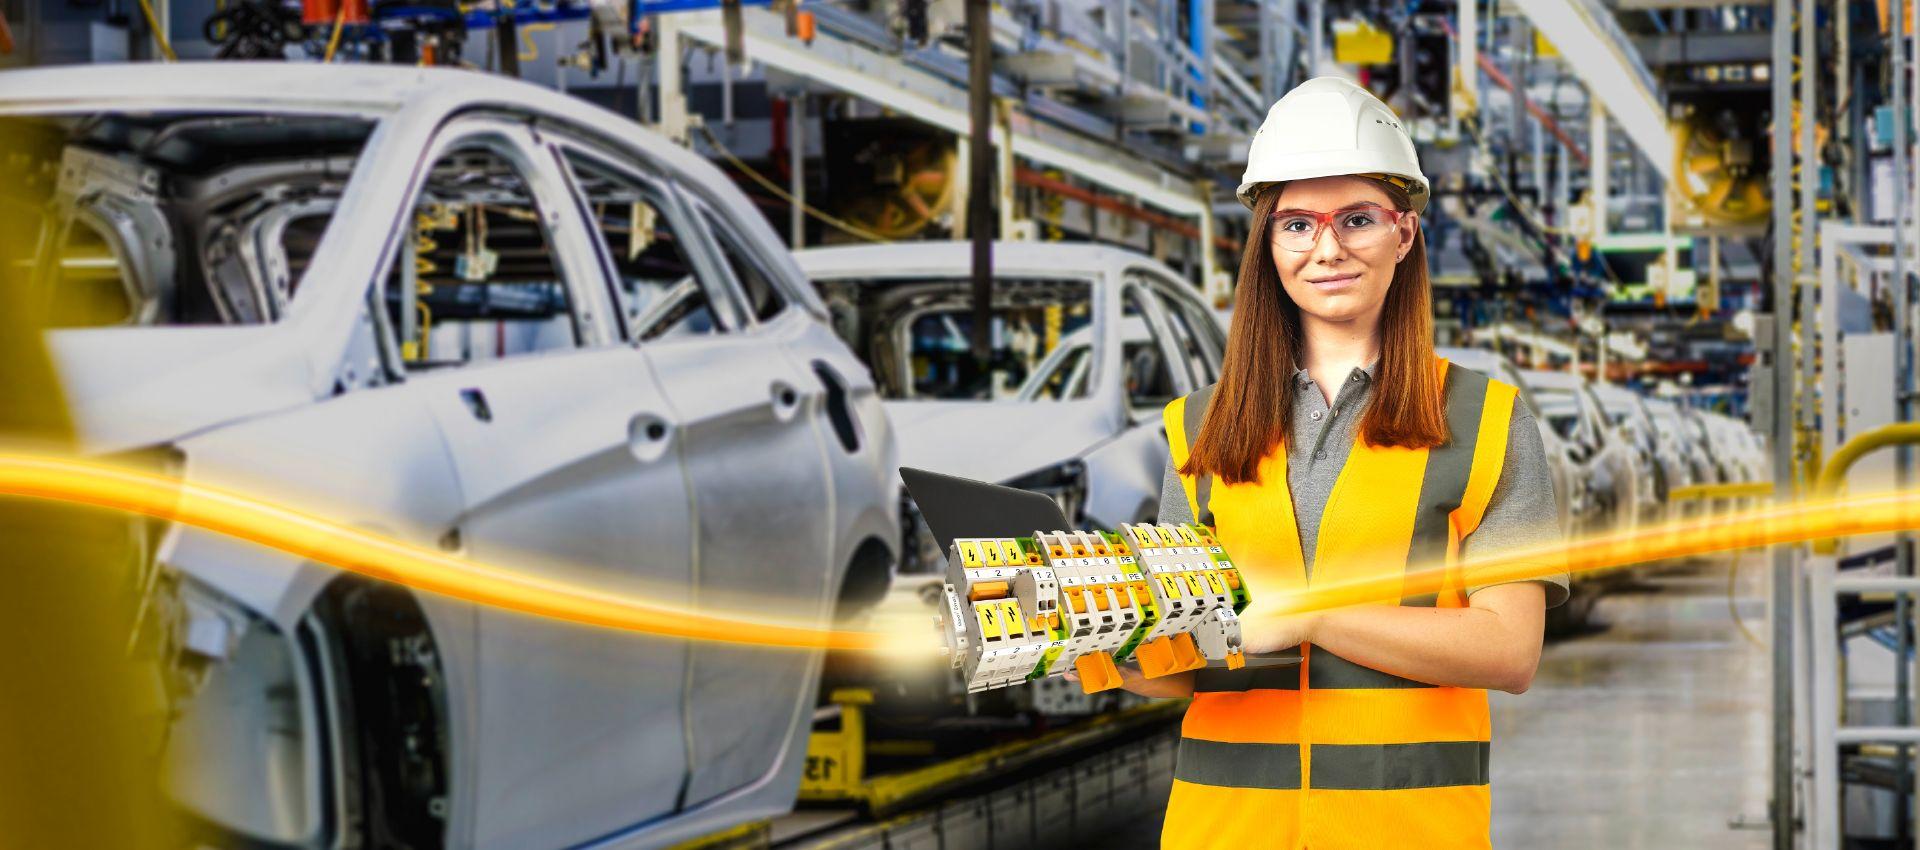 Klippon® Connect Reihenklemmen für die Maschinen und Fabrikautomation